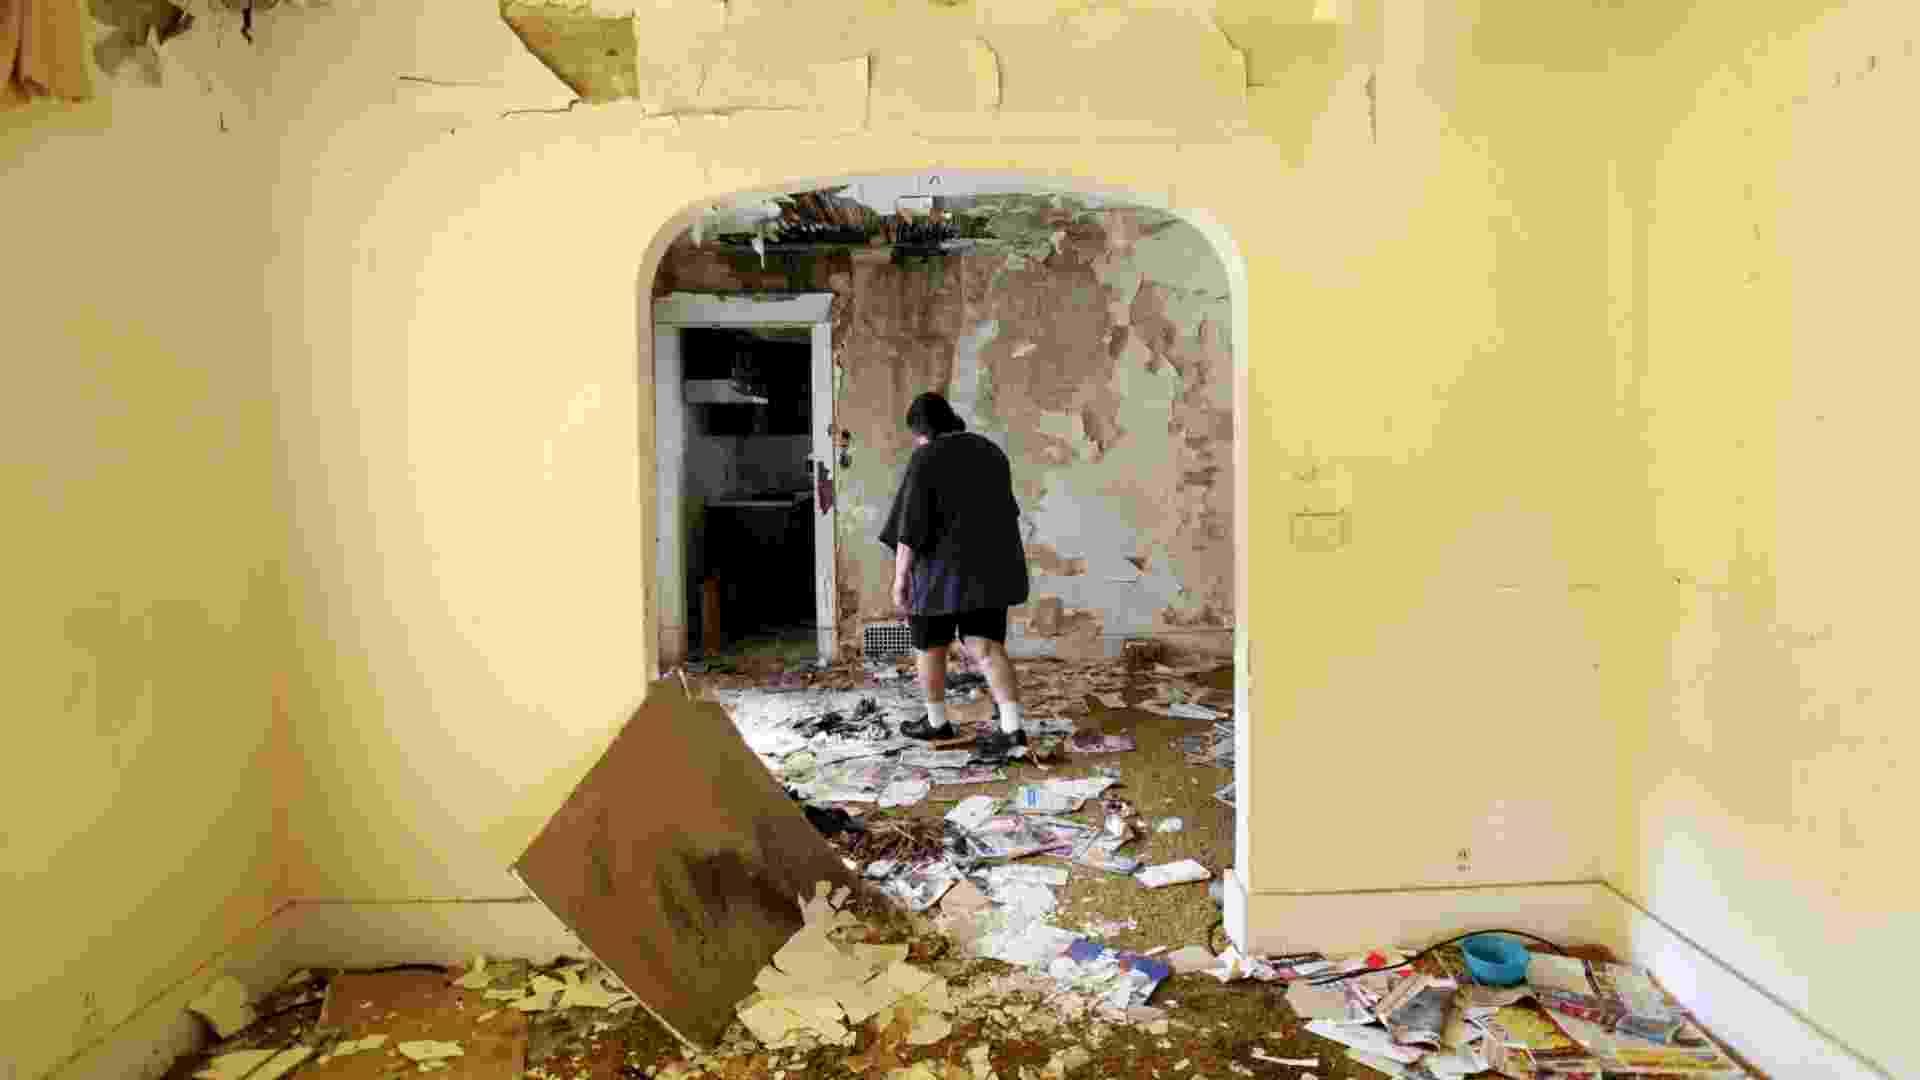 Kathy Oxian caminha por uma das casas abandonadas que comprou por US$ 750 na vizinhança de sua própria casa em South Bend, Indiana (NYT/ Não usar sem autorização) - Sally Ryan/The New York Times